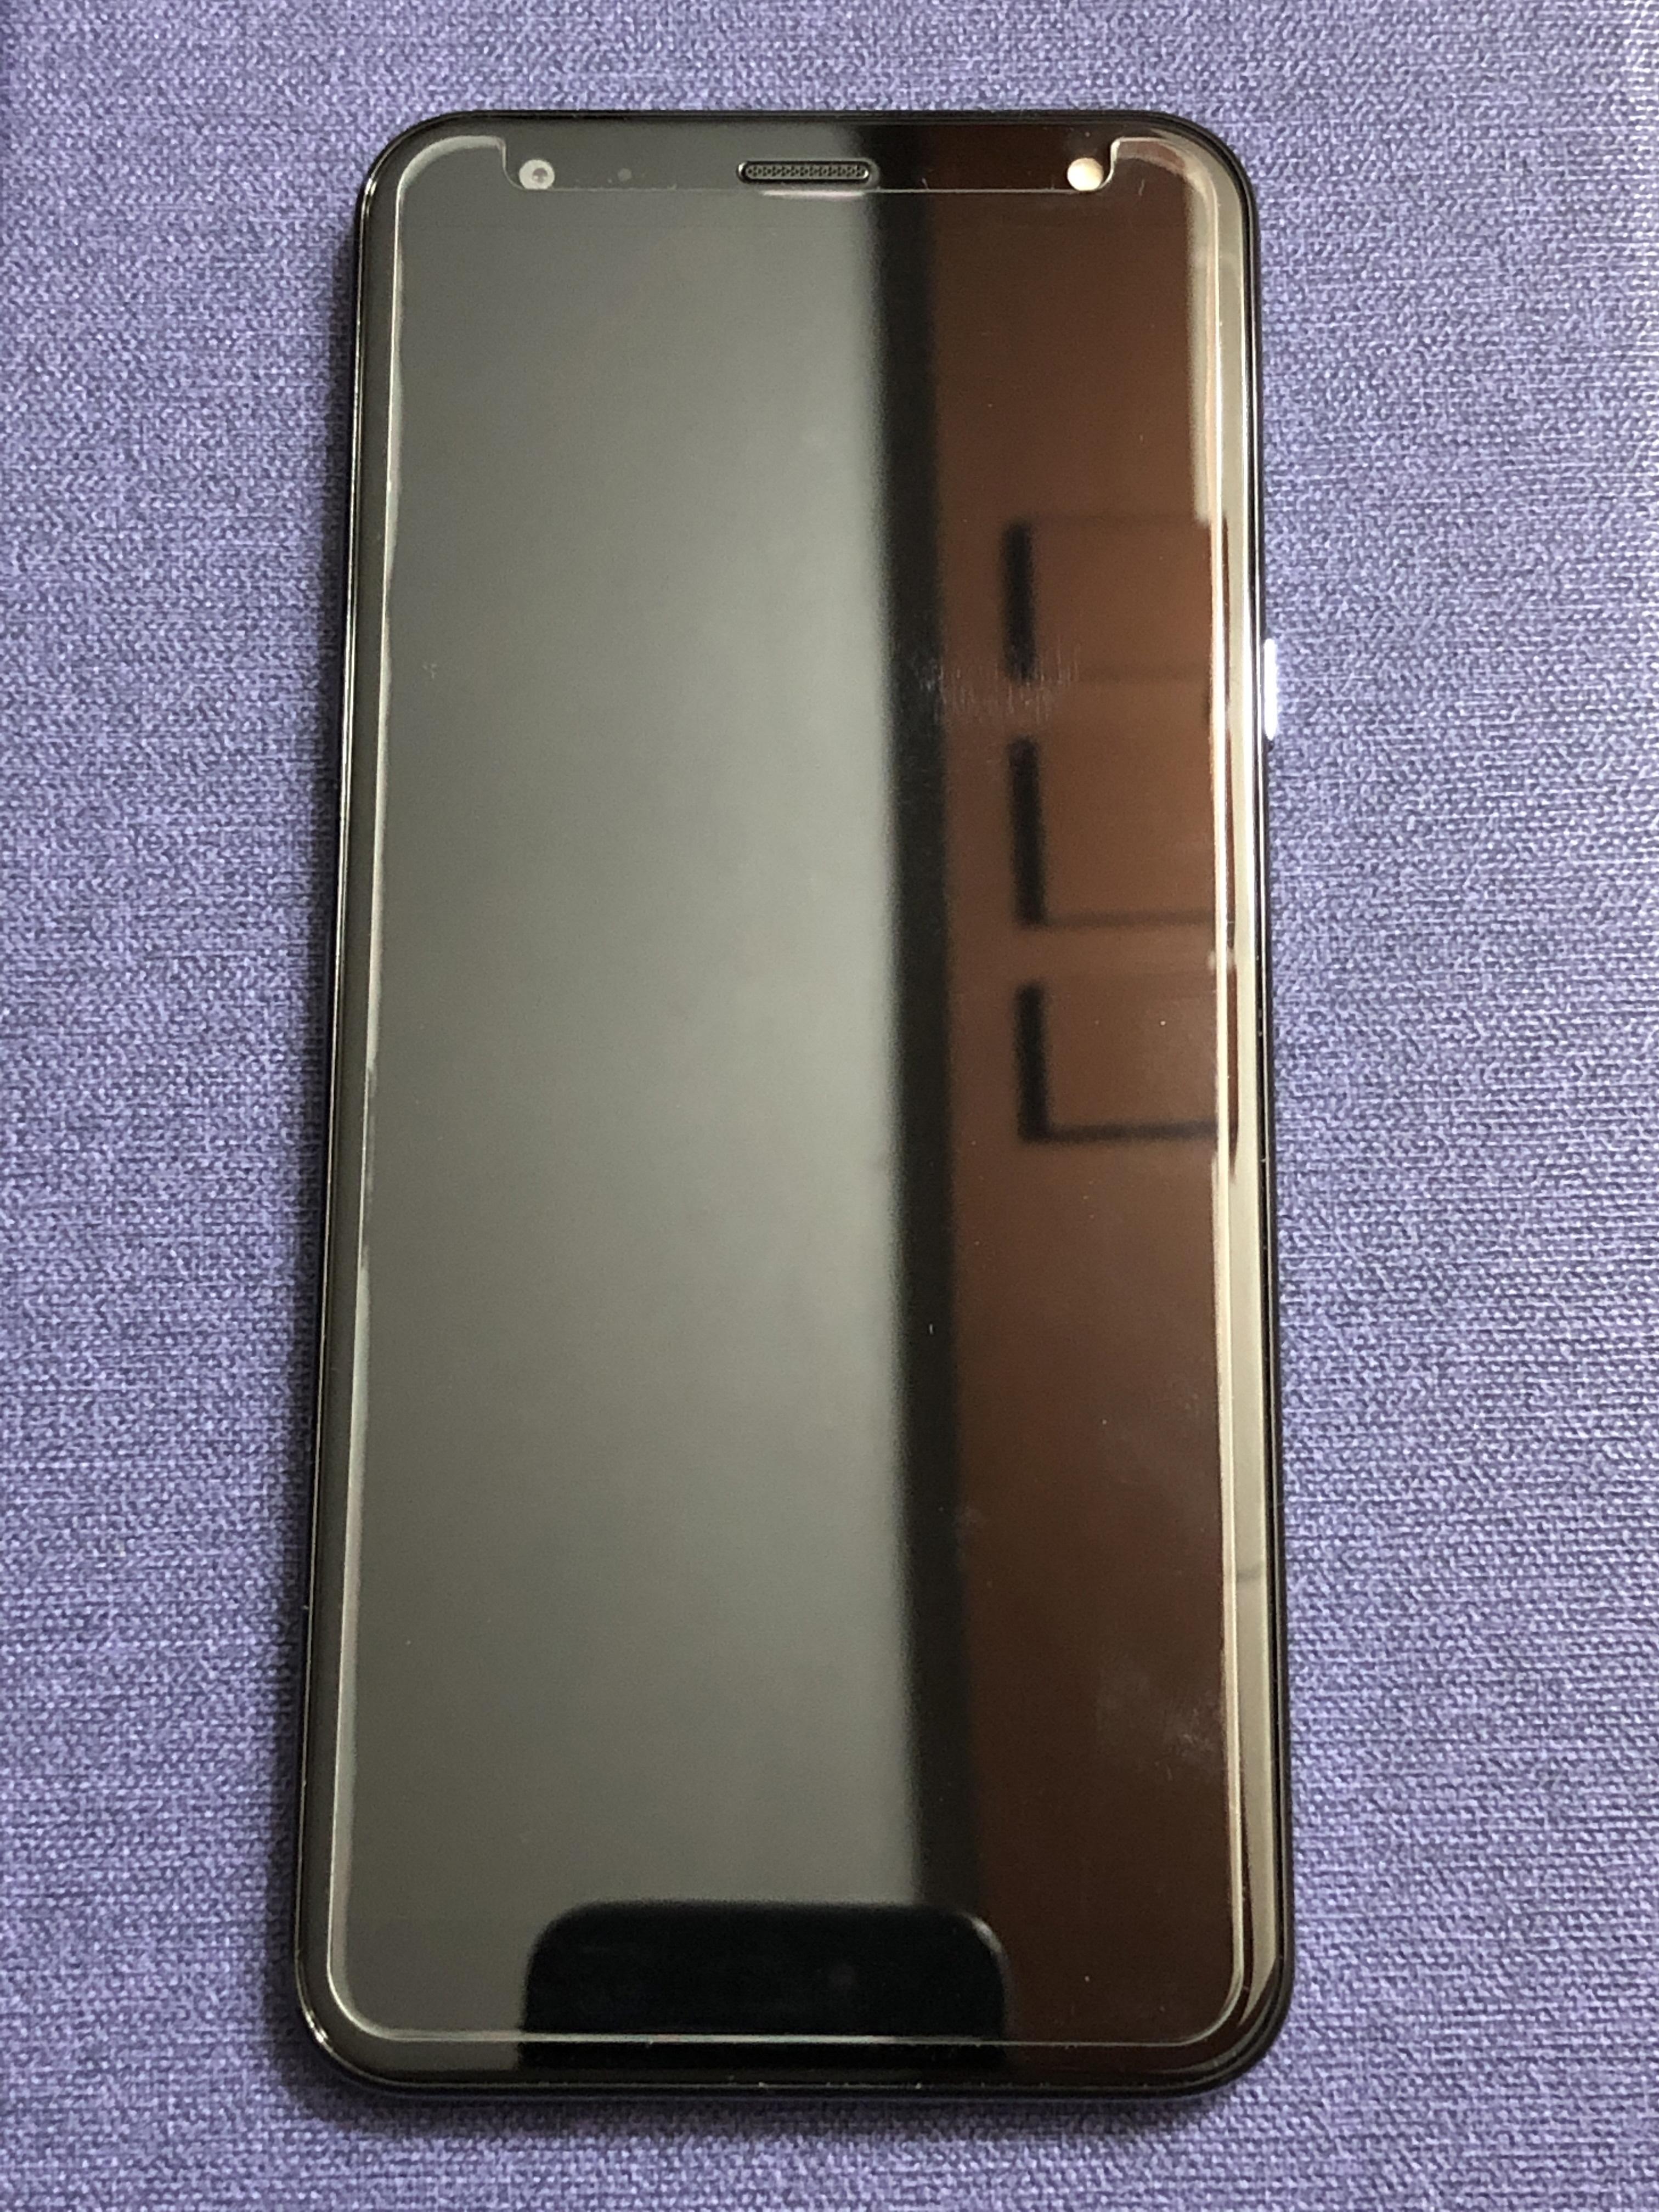 중고로 산 LG X4(2019)